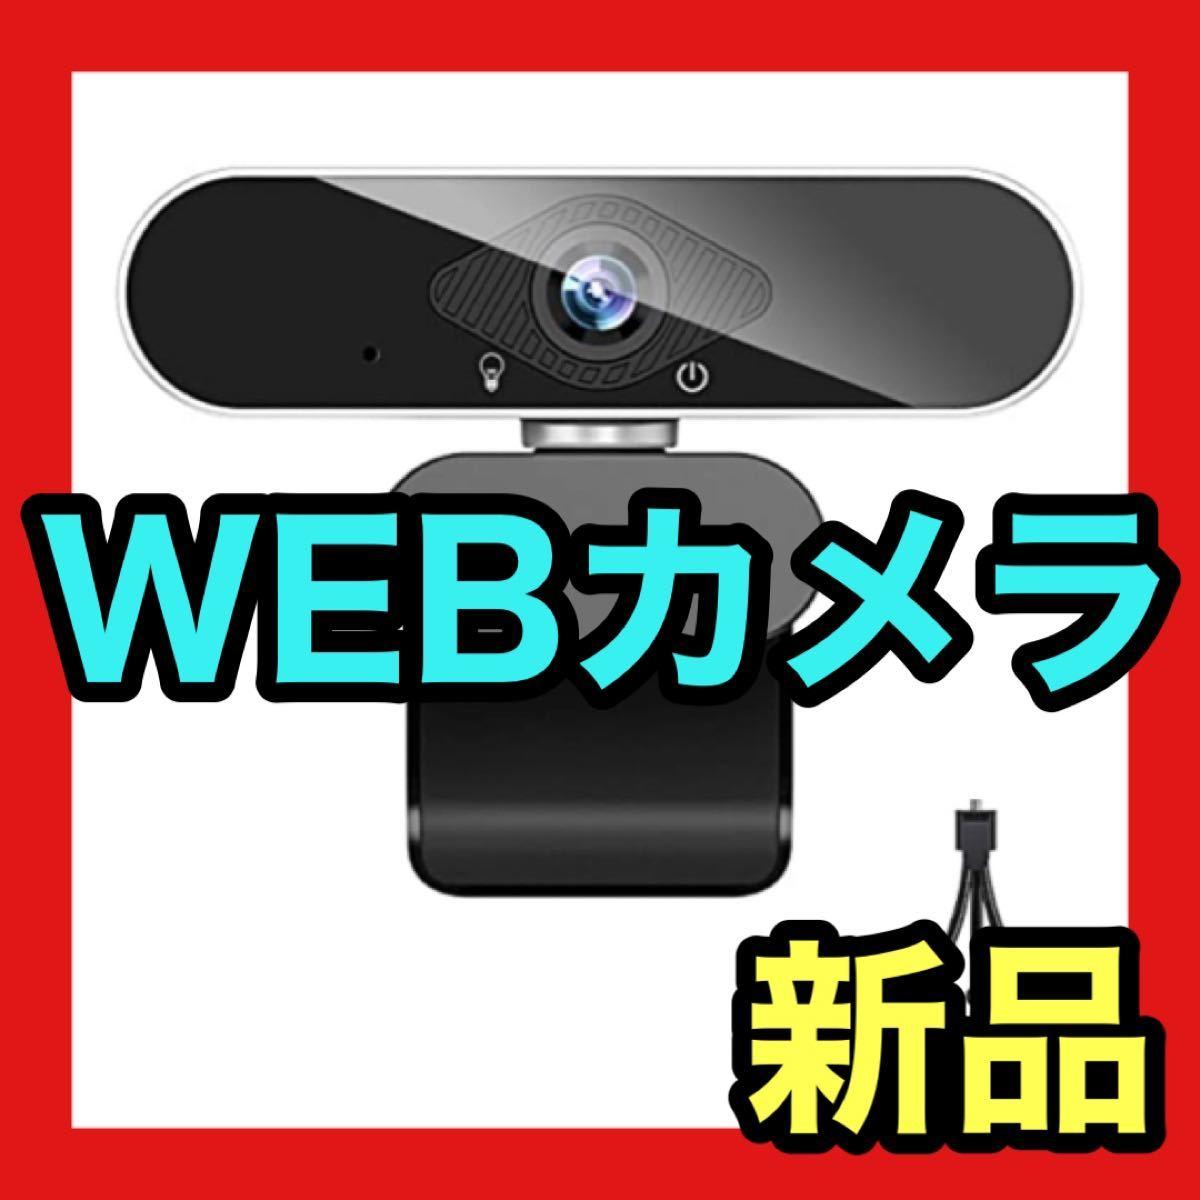 ウェブカメラ フルHD 1080P 高画質 200万画素 webカメラ